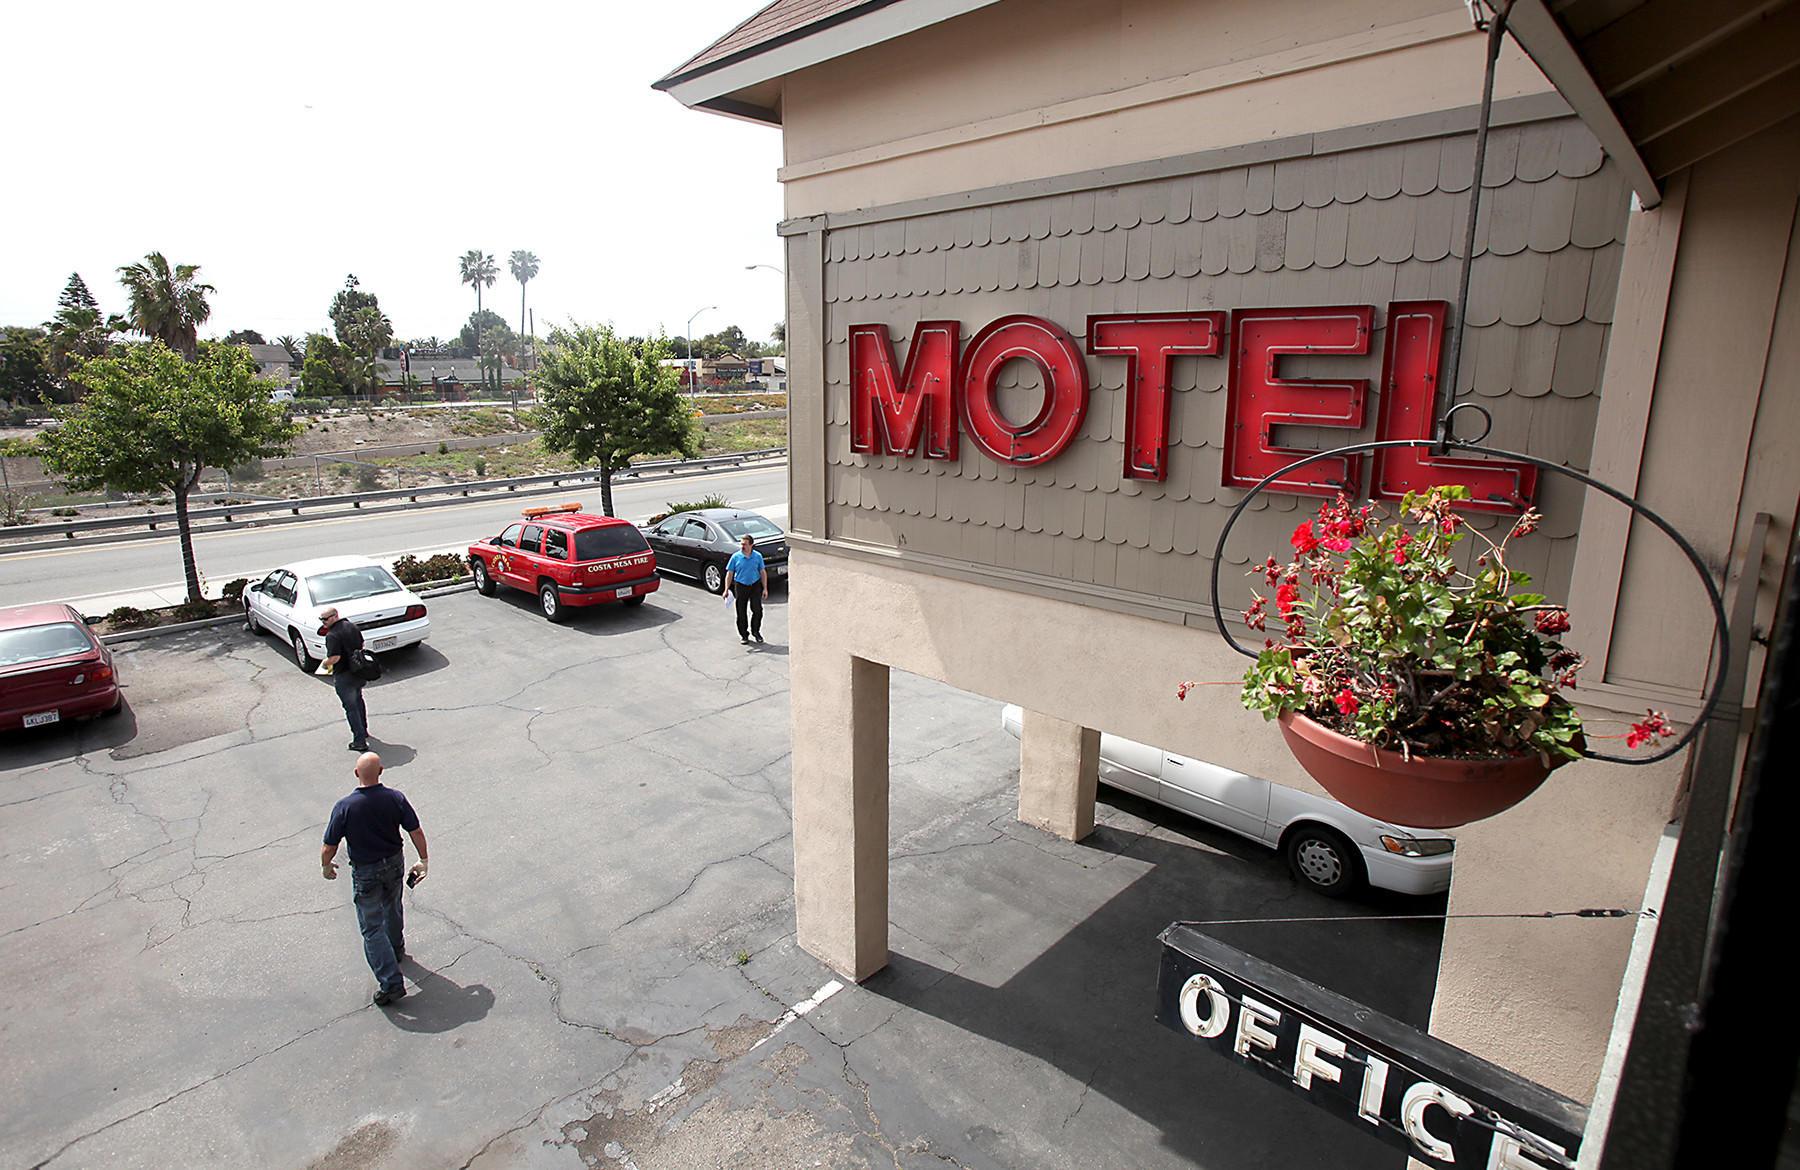 Motel  Costa Mesa Harbor Blvd